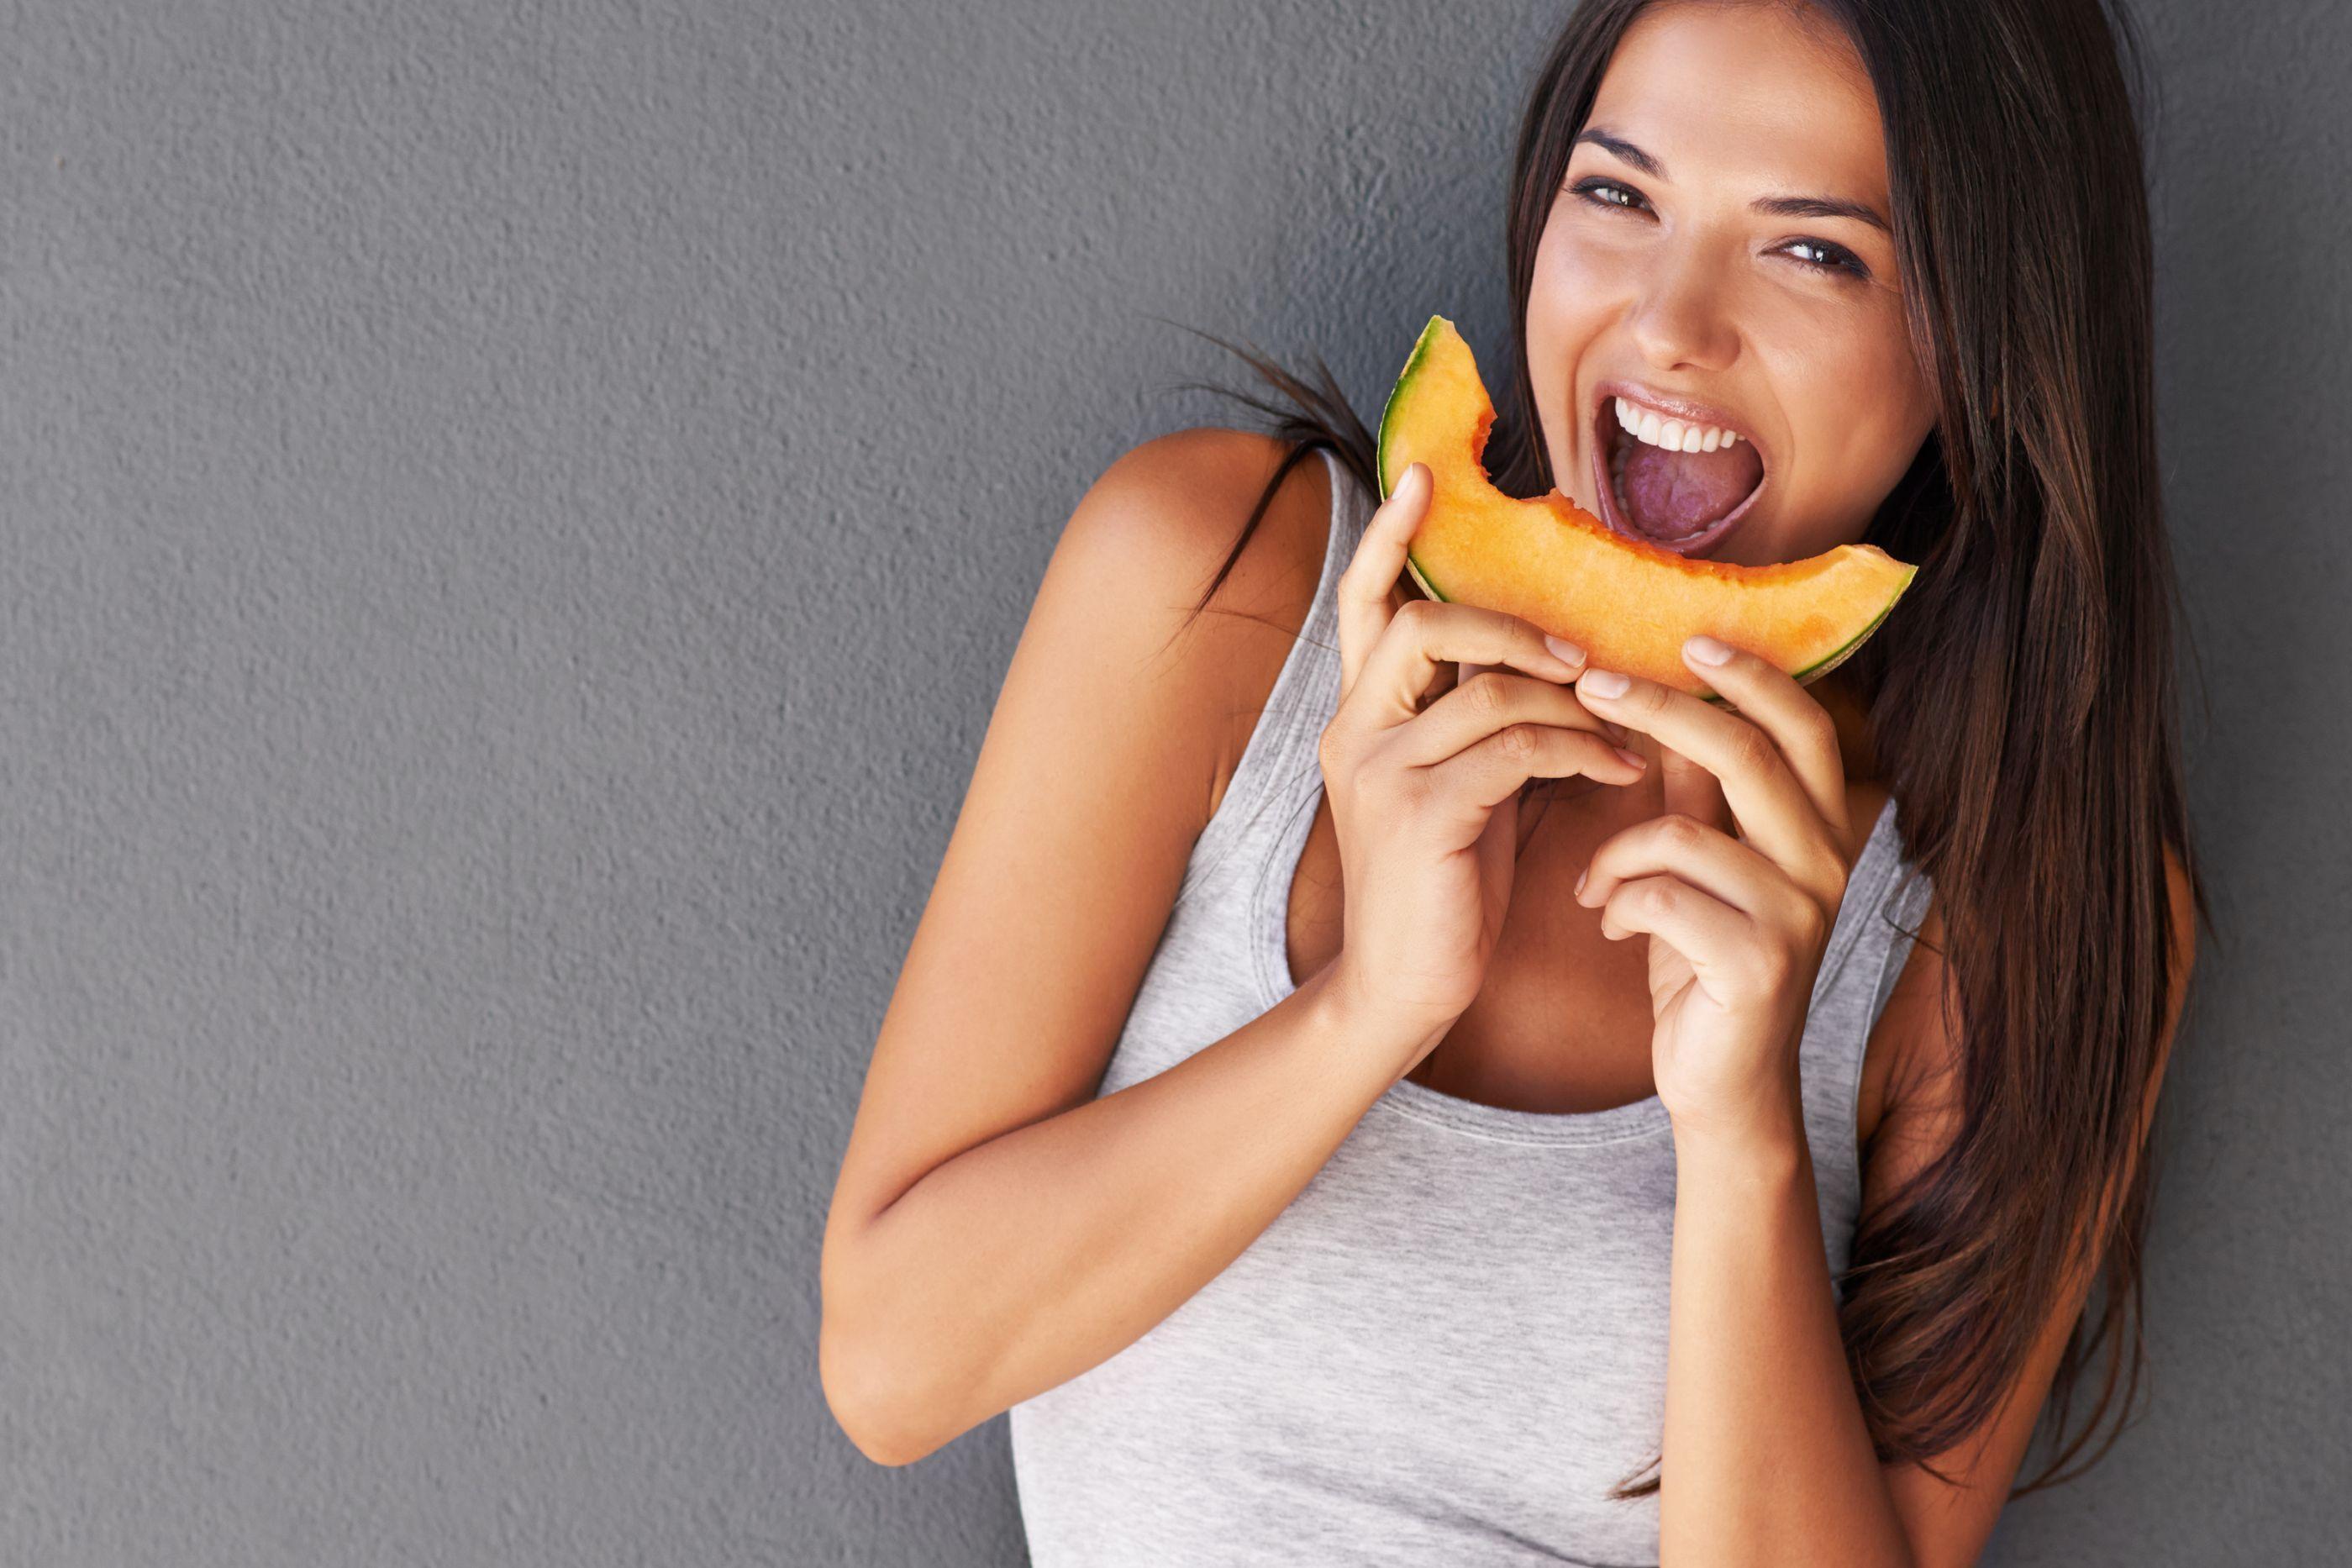 Estas oito 'super frutas' reduzem o risco de diabetes de tipo 2. Diga sim